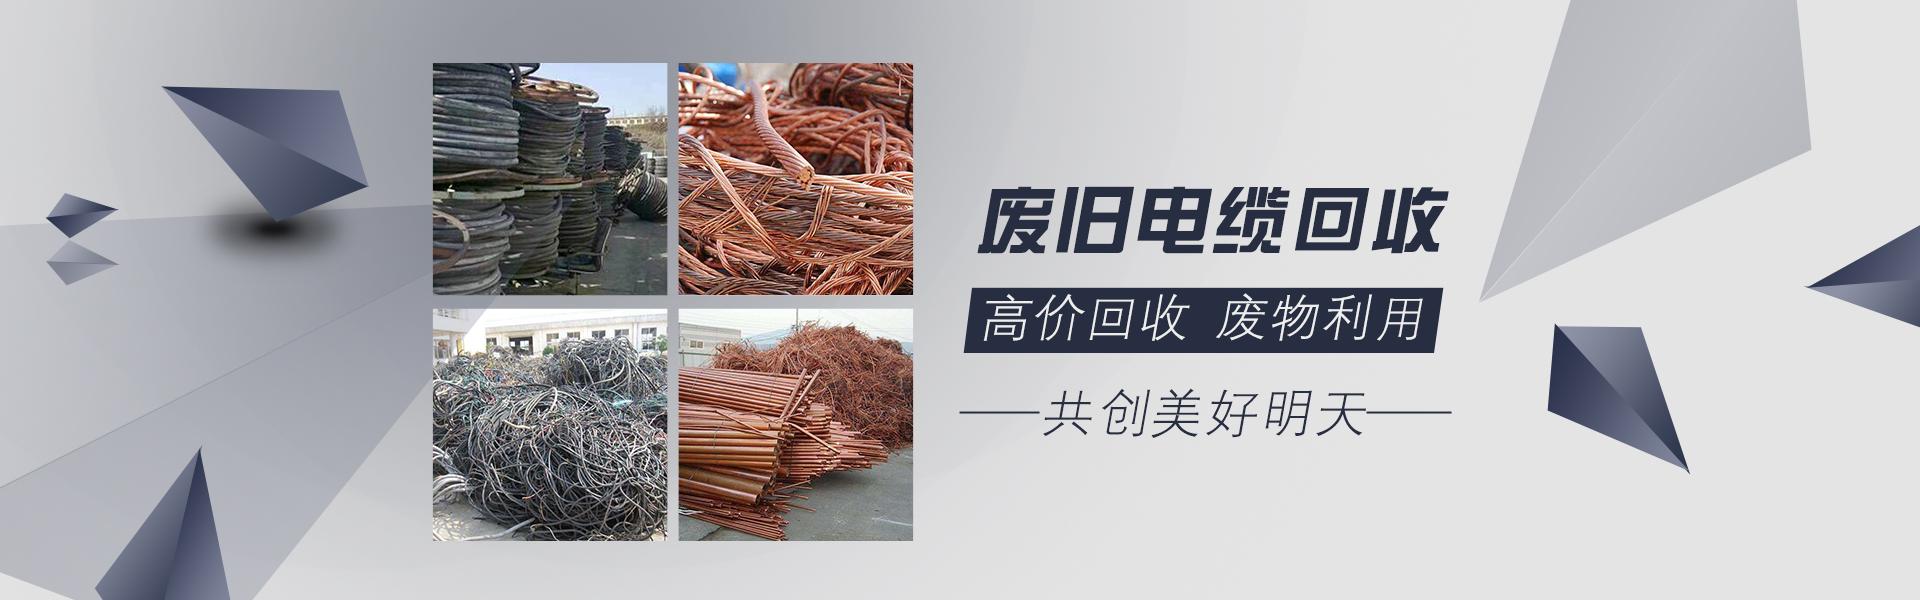 福州AG集团物资回收_案例展示